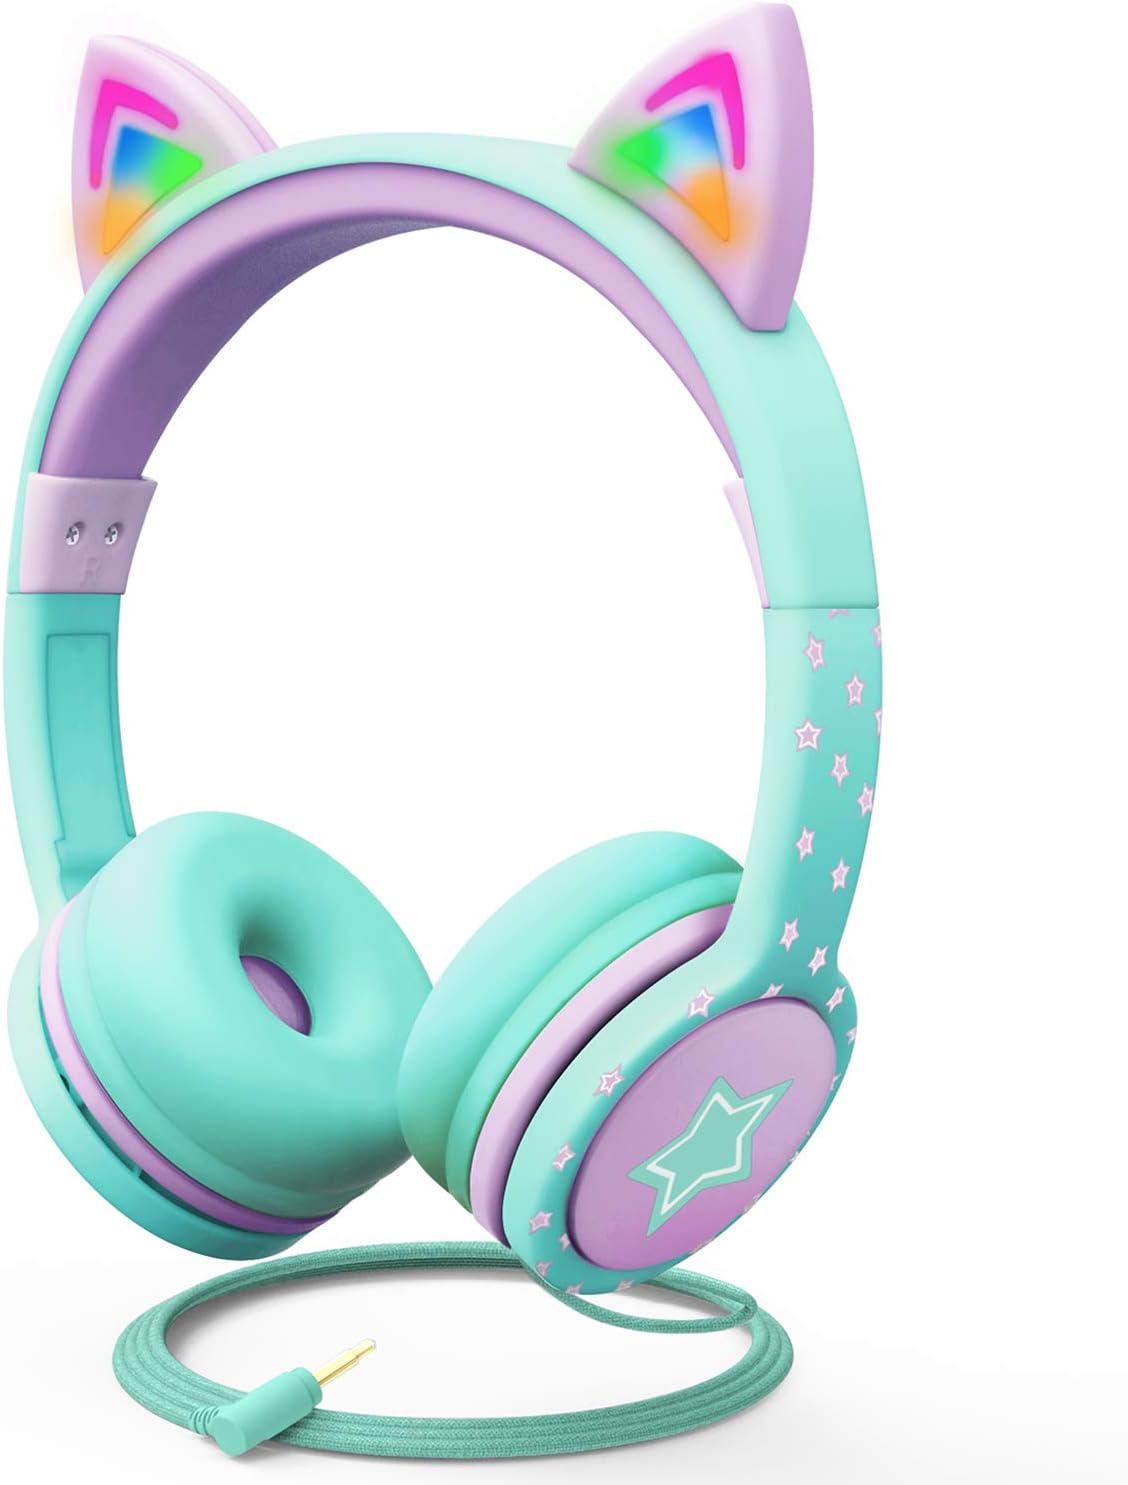 FosPower Auriculares para niños con Orejas de Gato con luz LED, Auriculares de Audio de 3,5 mm en la Oreja para niños con Cable sin enredos (máx. 85dB) - Turquesa/Morado Claro